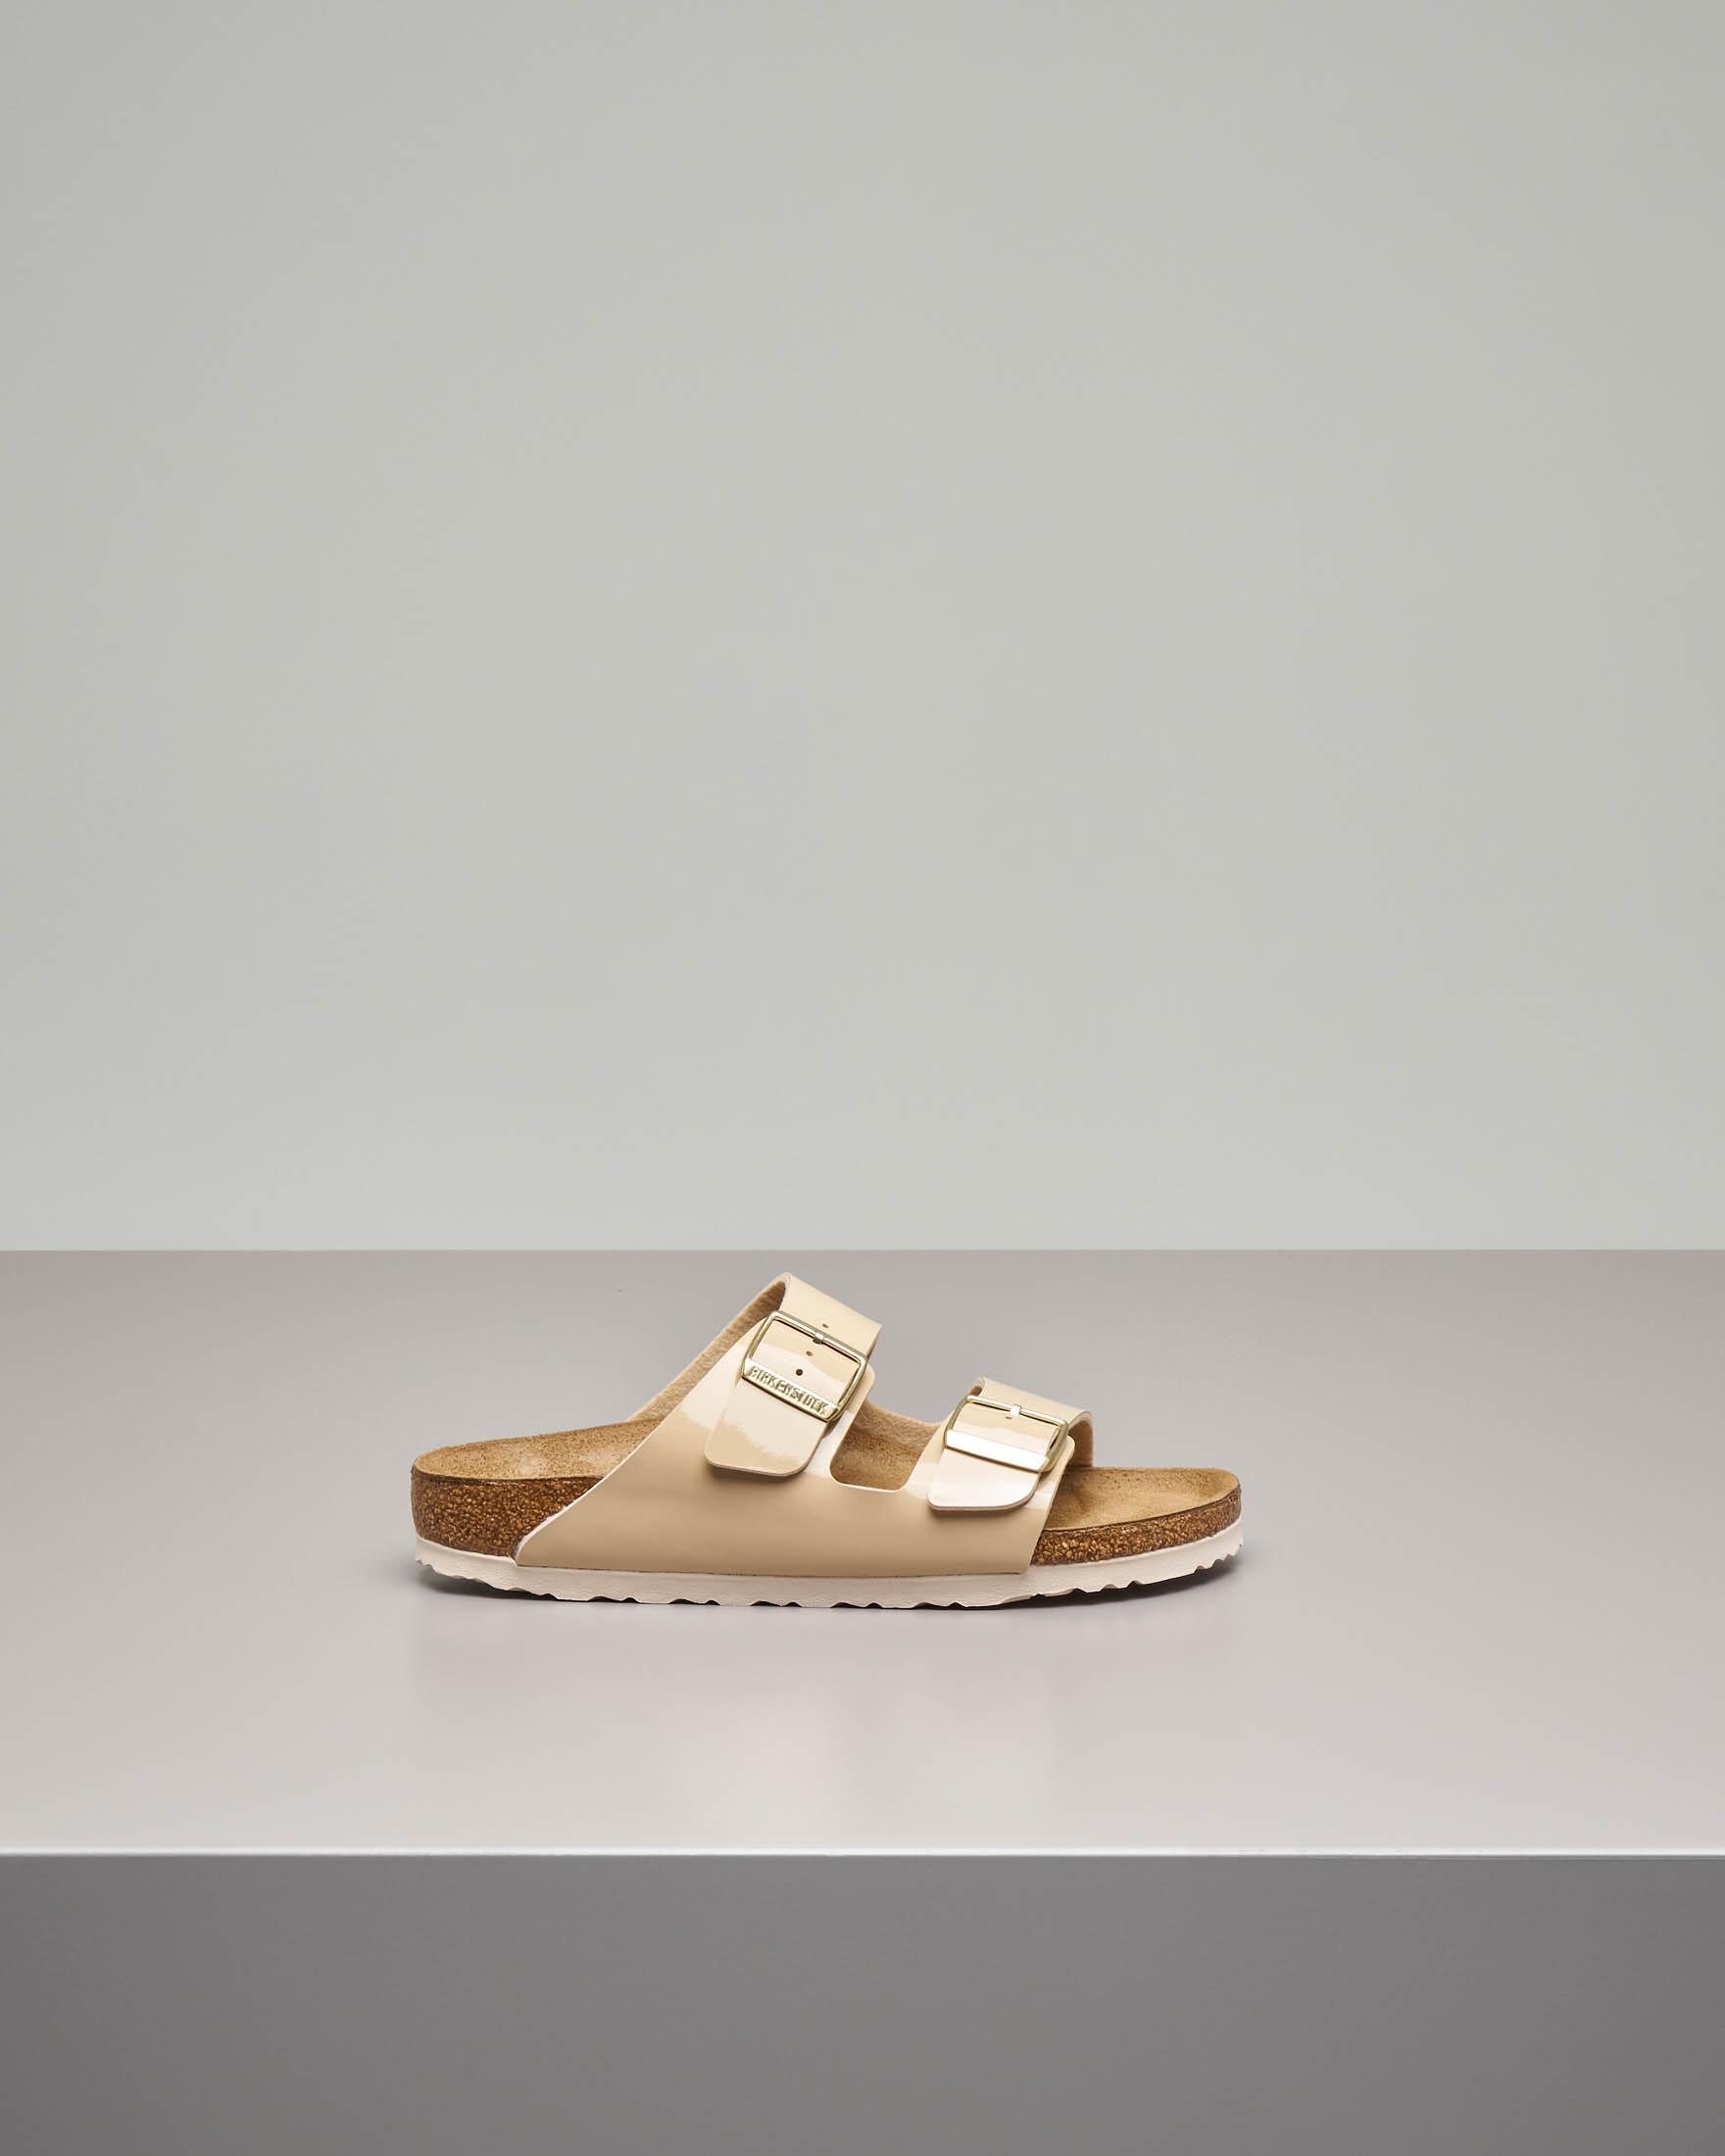 Sandalo Arizona in Birko flor effetto lucido beige con doppia fascetta